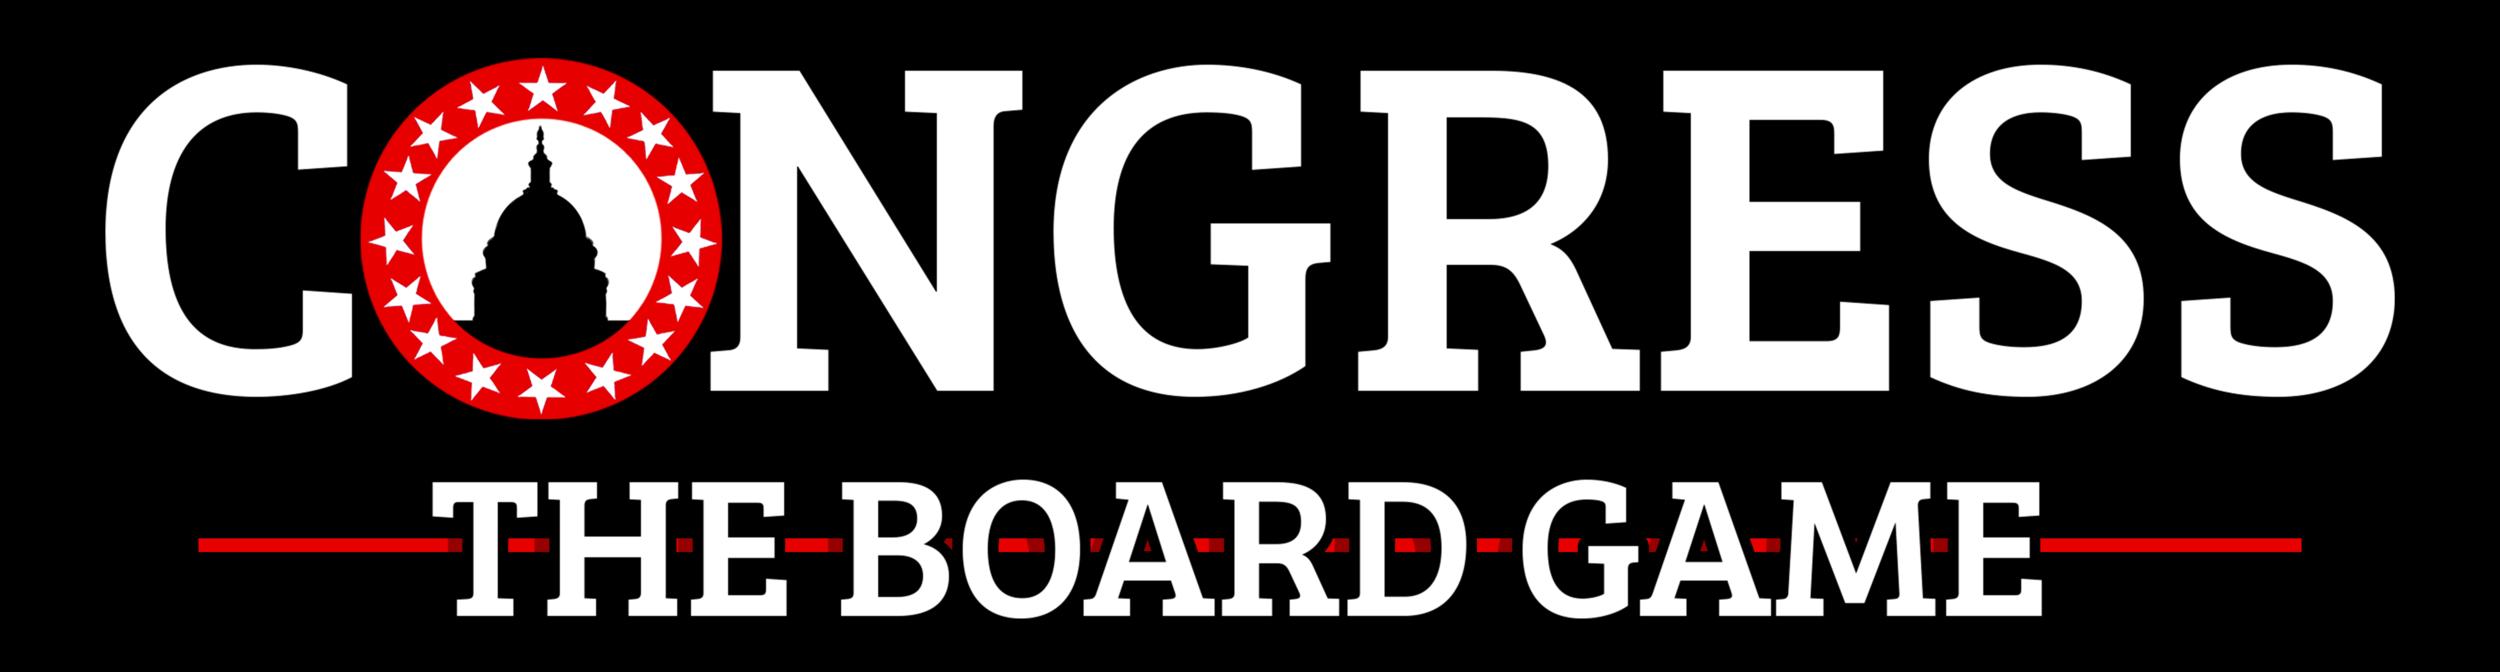 Game Logo Transparent Background.png